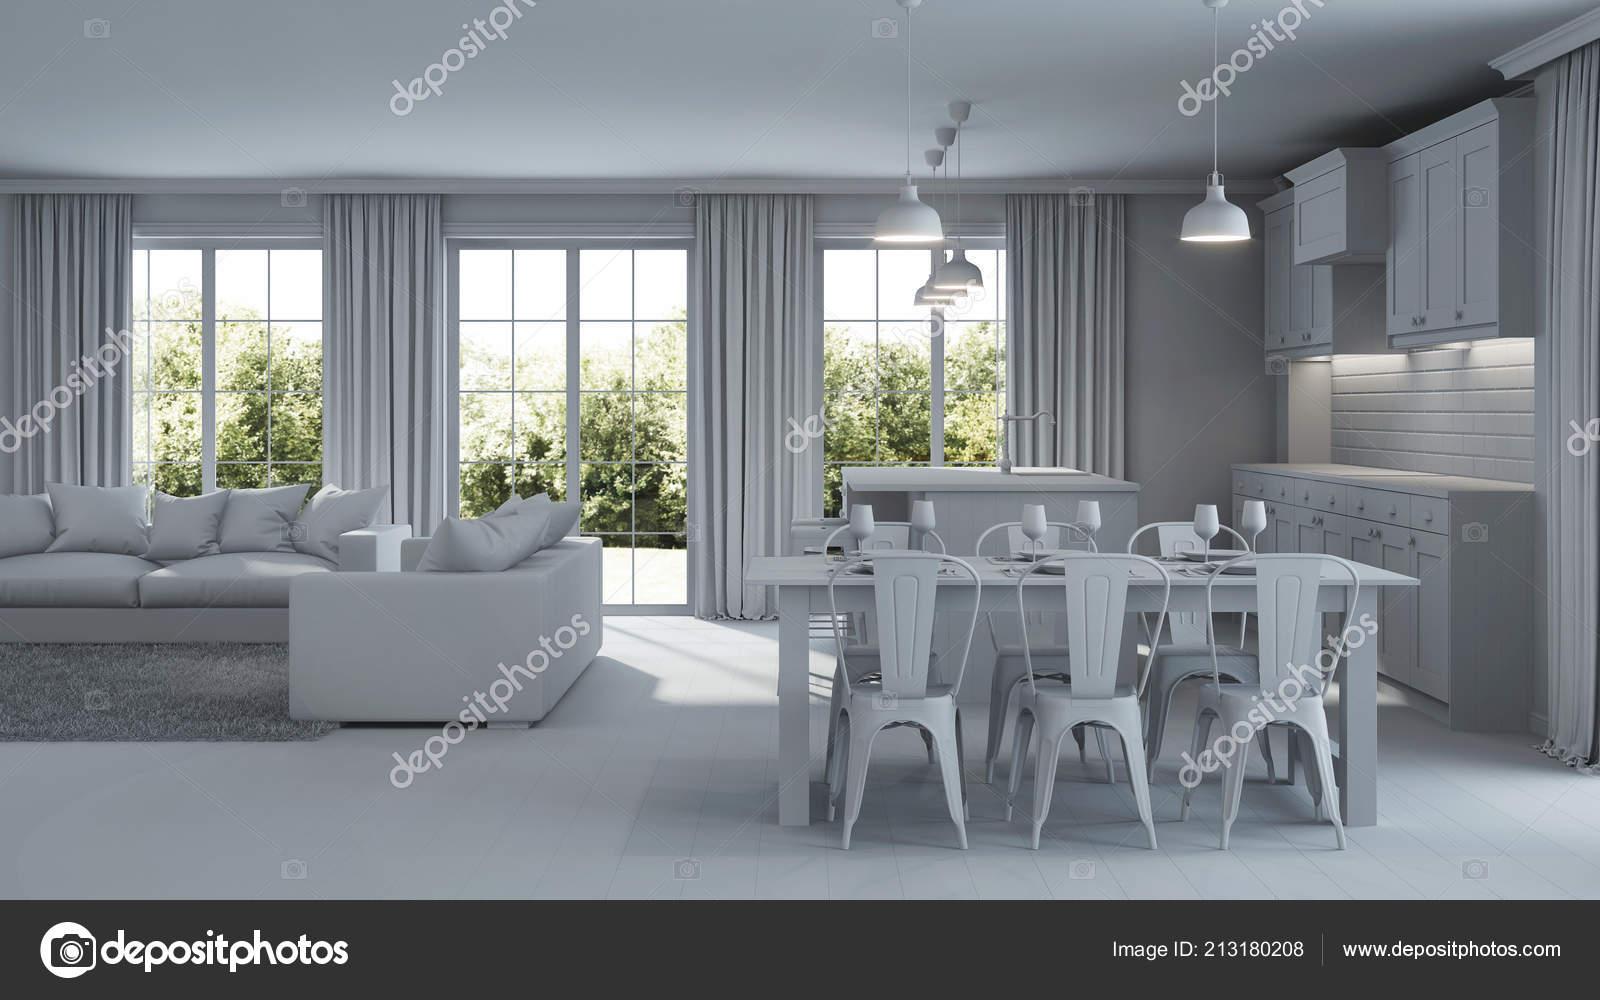 Interieur Maison Modern : Intérieur maison moderne réparations intérieur gris rendu